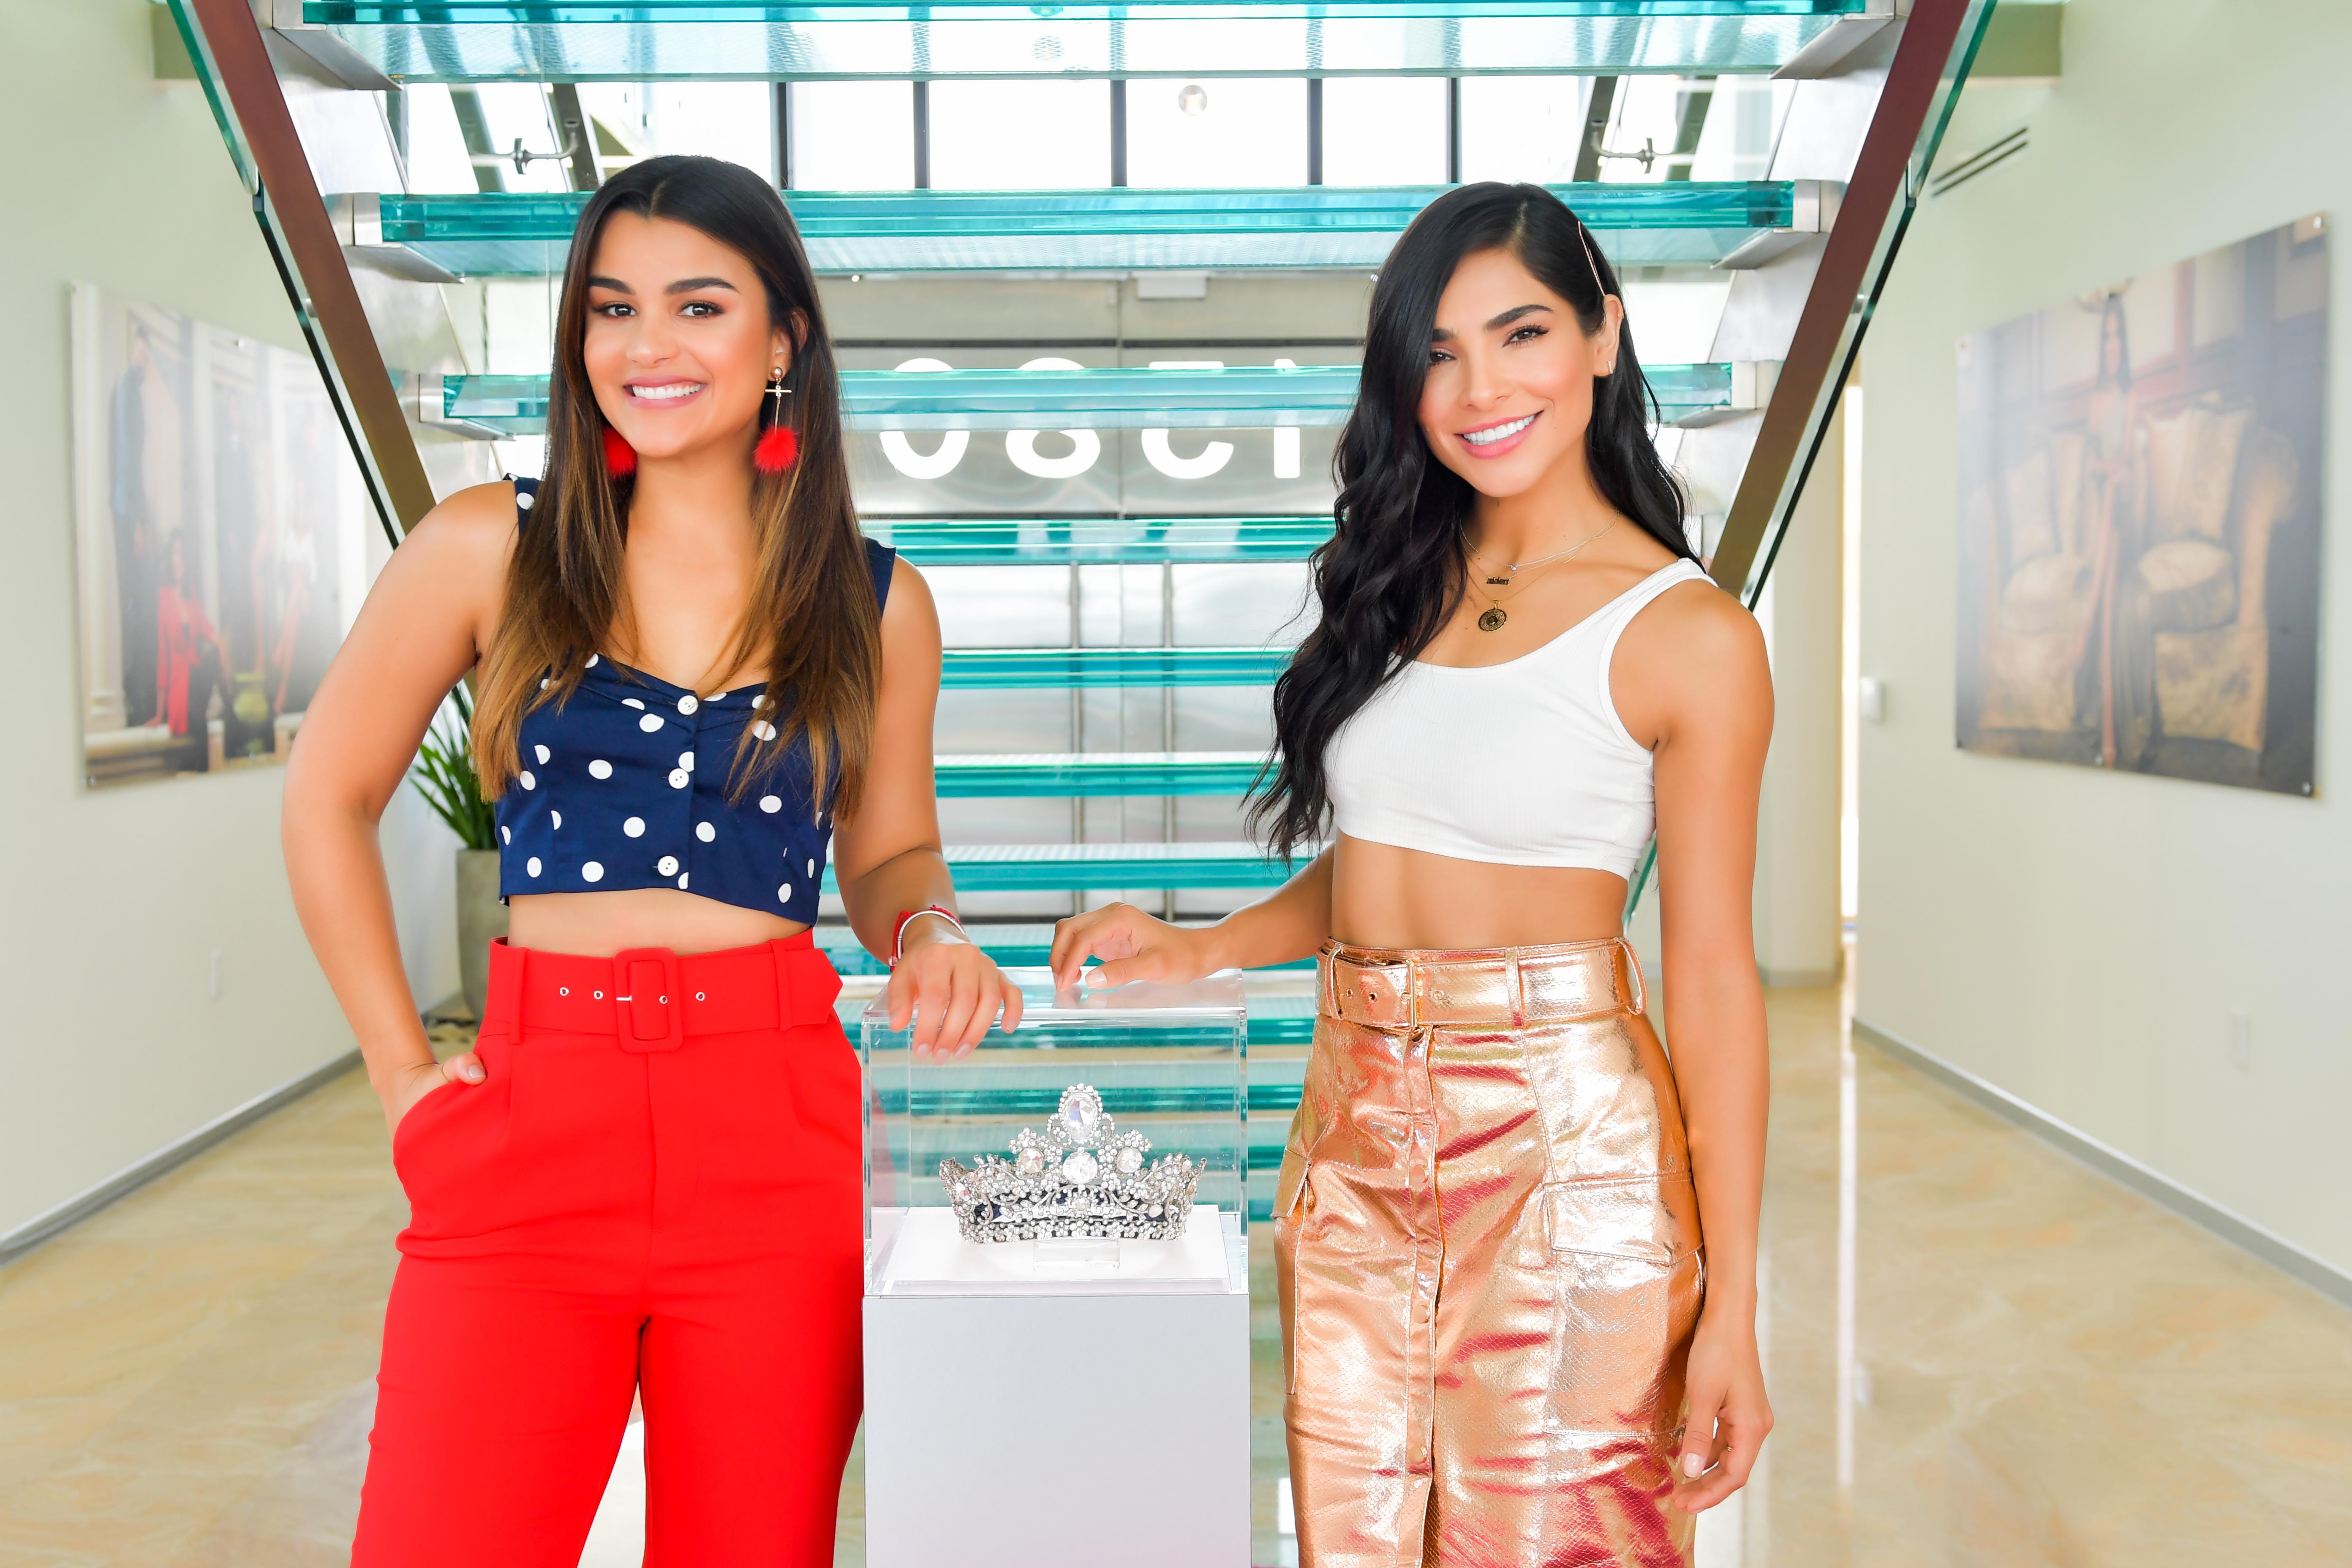 Clarissa Molina, Alejandra Espinoza